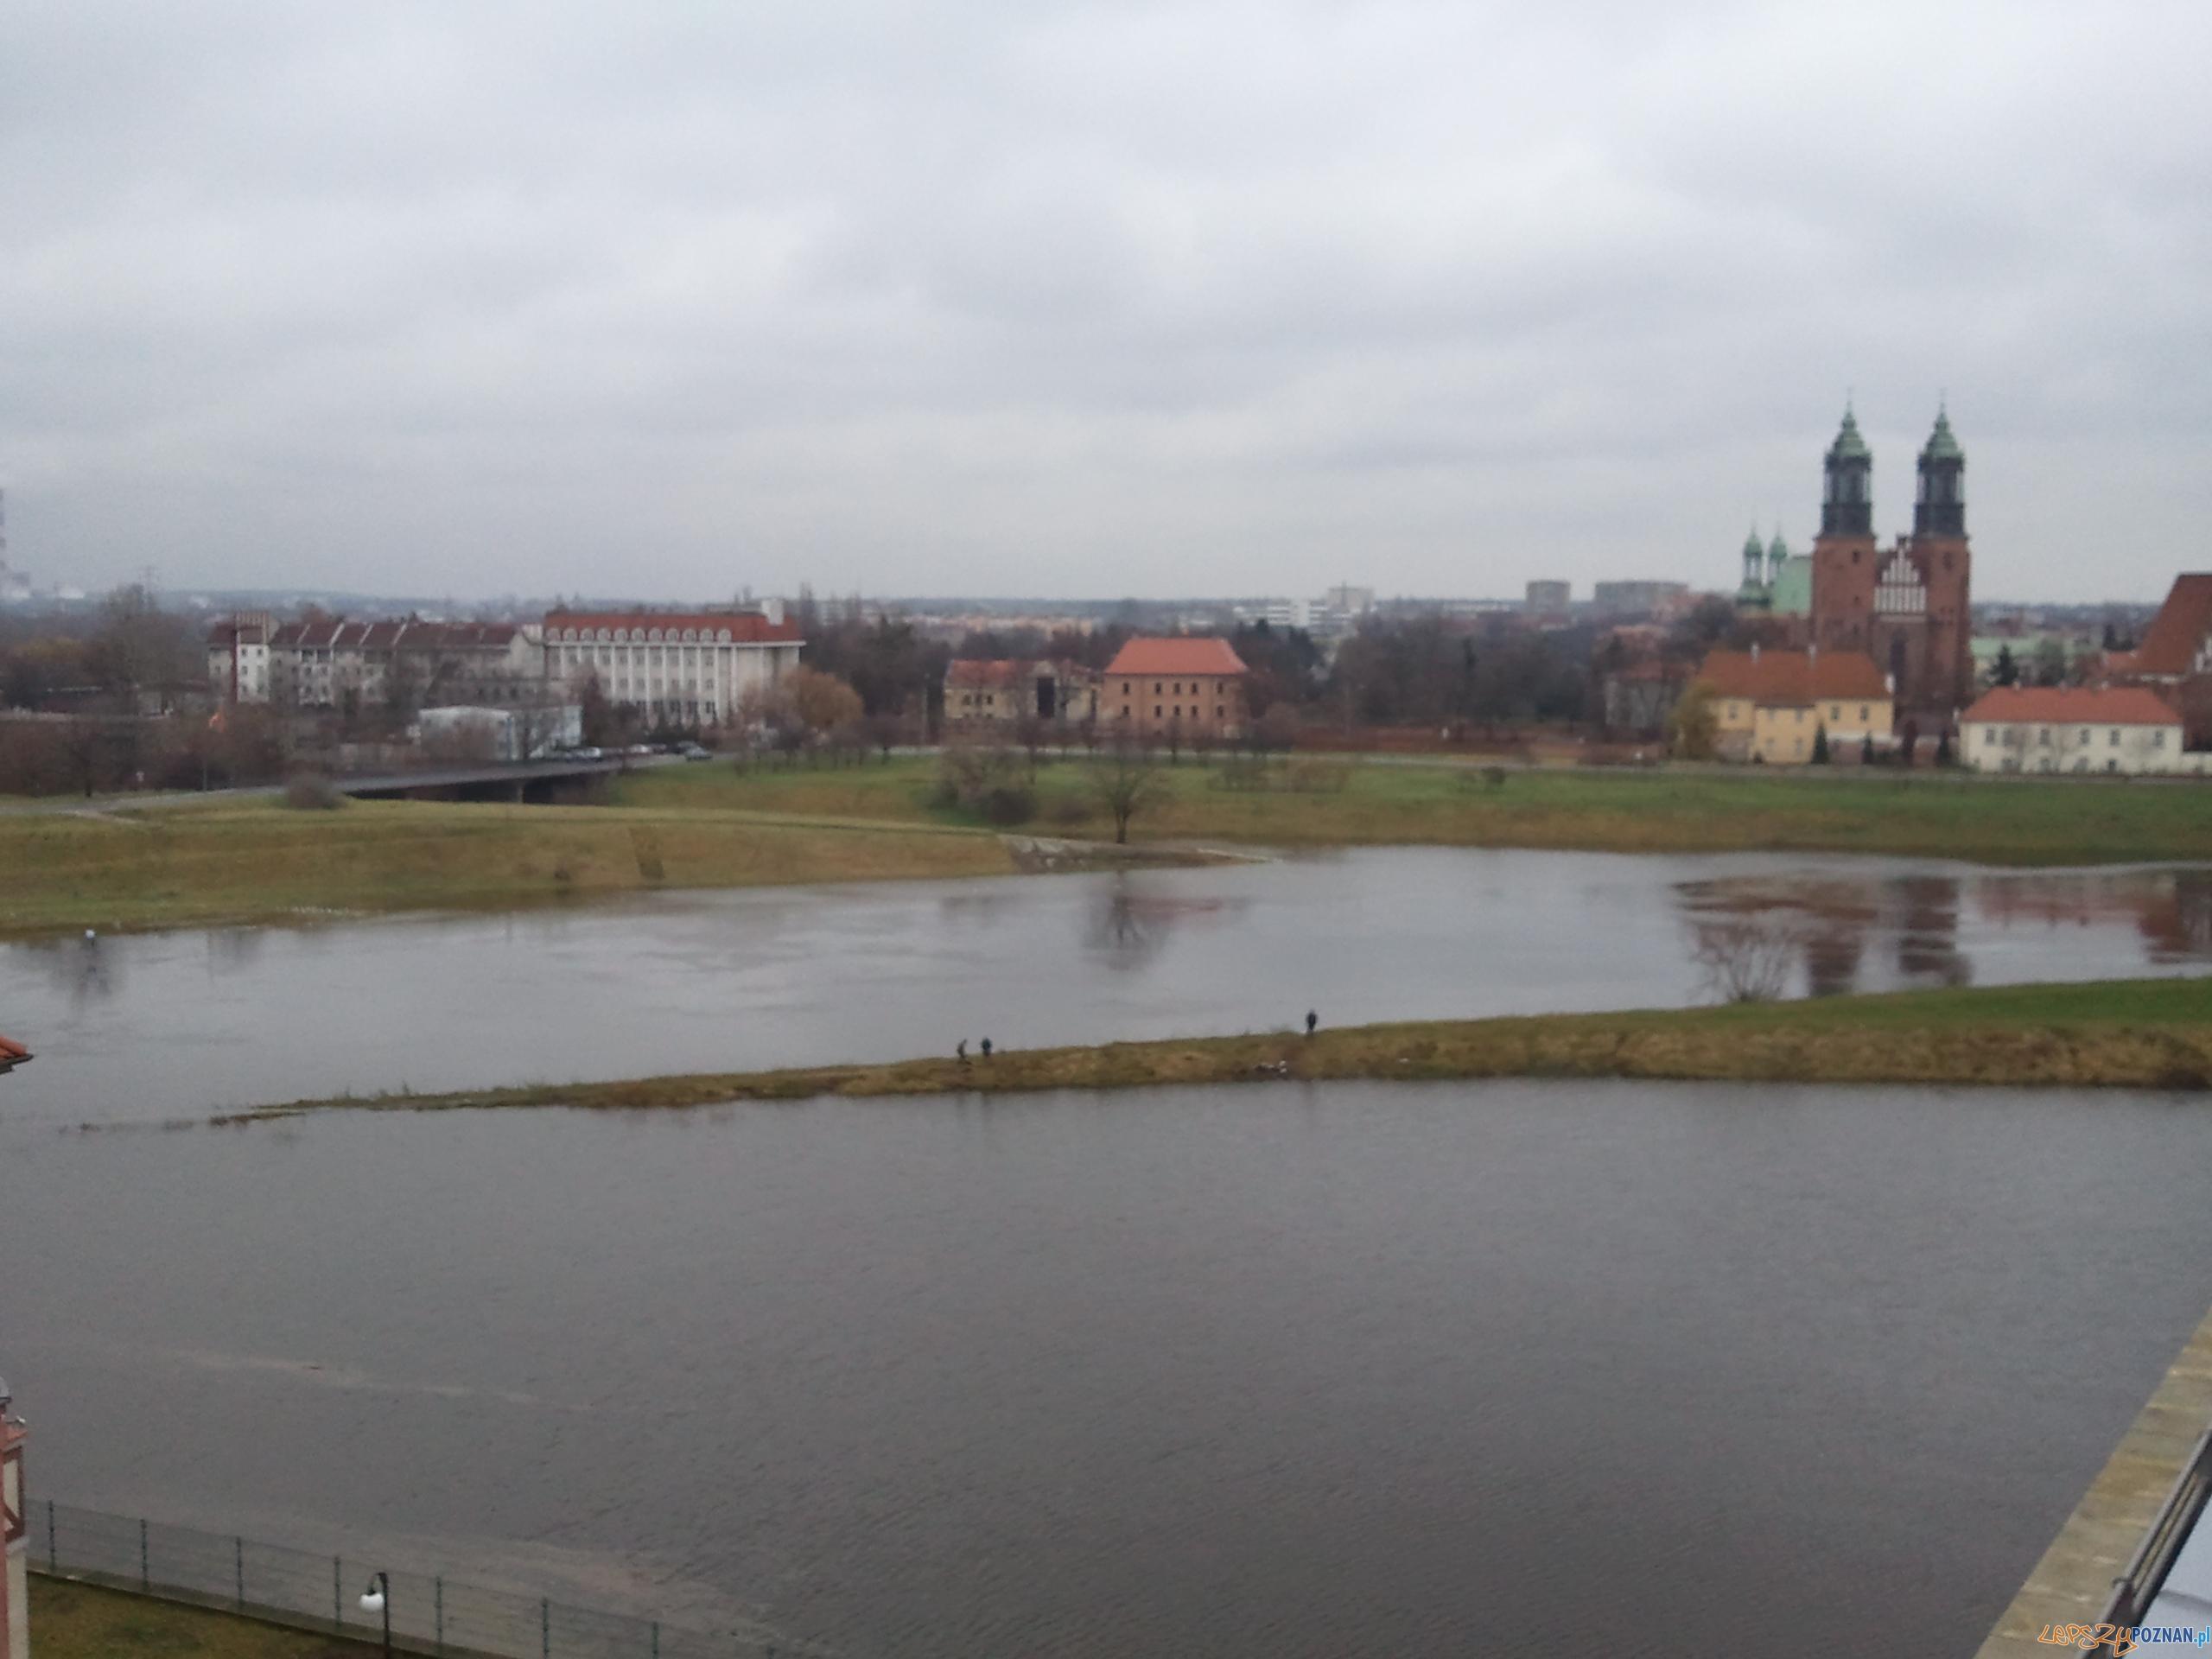 Więcej wody w Warcie  Foto: lepszyPOZNAN.pl / gsm